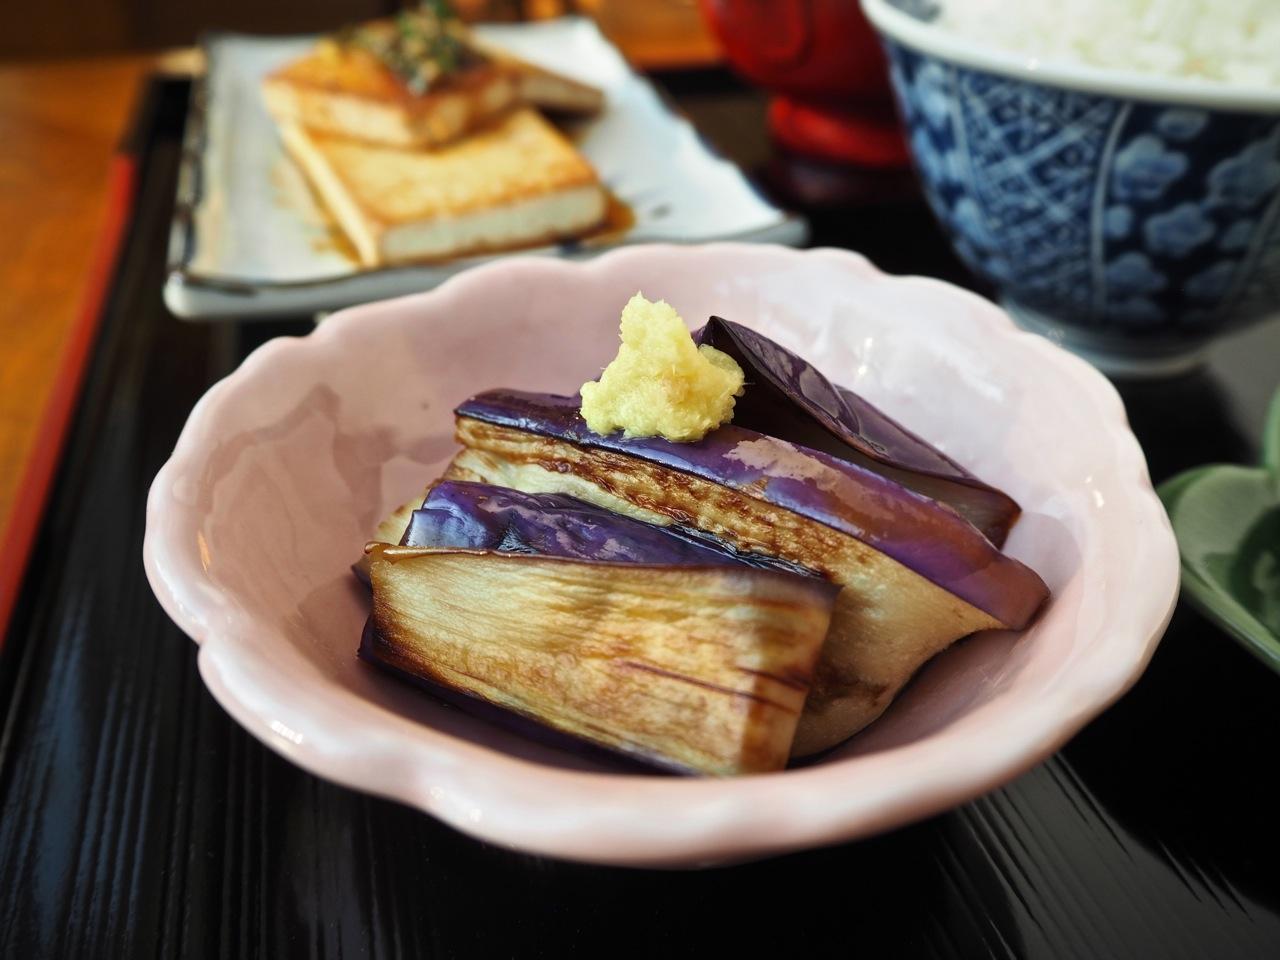 Nasu no yakimono 茄子の焼き物 Grilled eggplant.